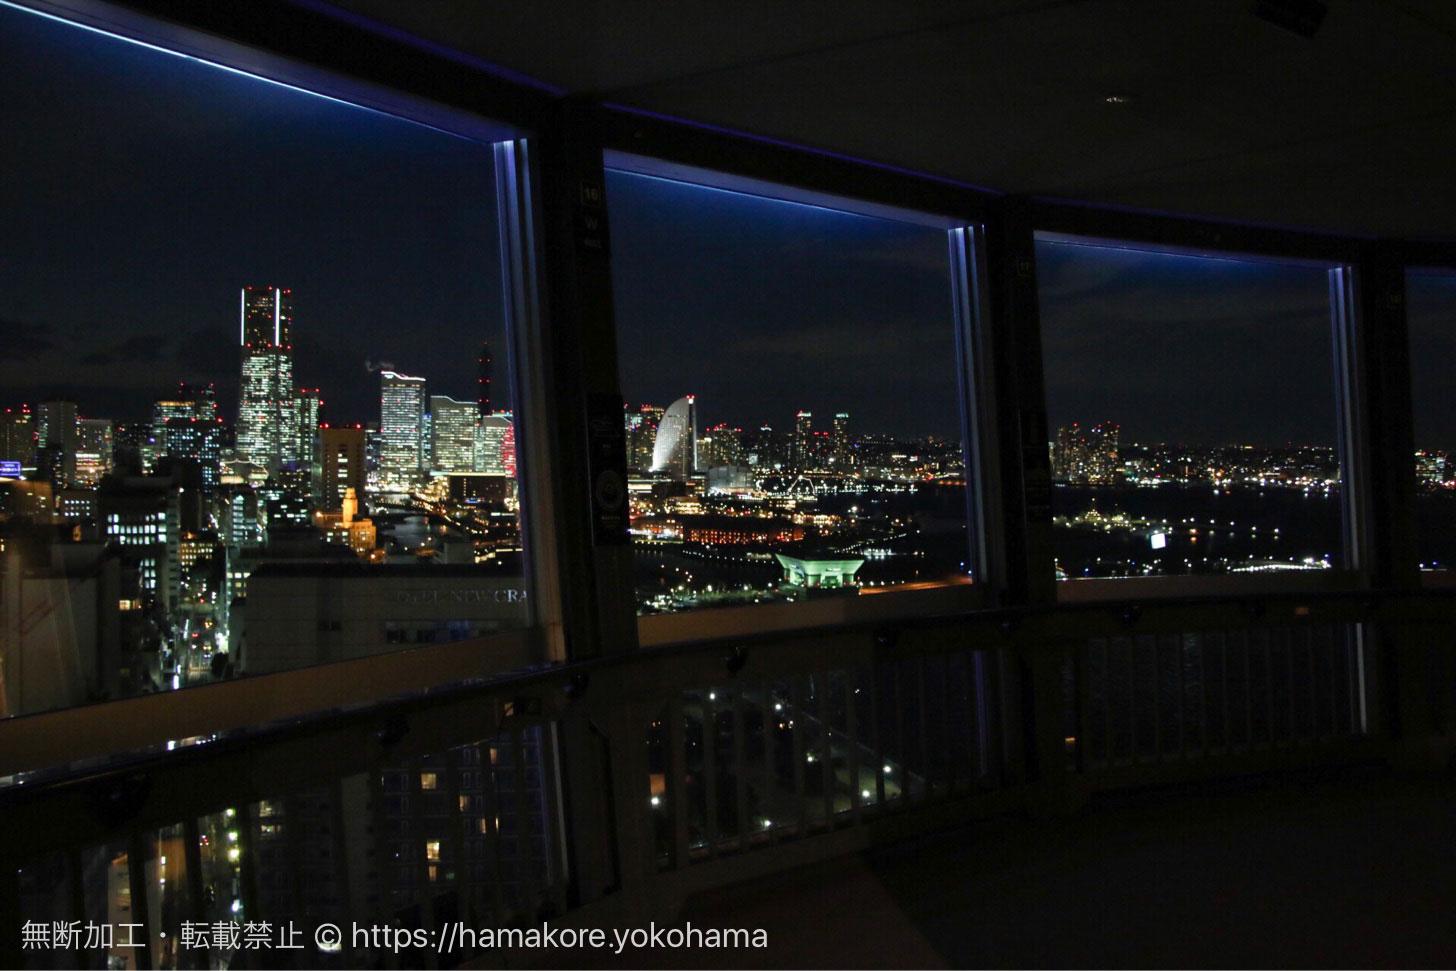 横浜マリンタワーから見た夜景 展望フロアから見えるみなとみらい